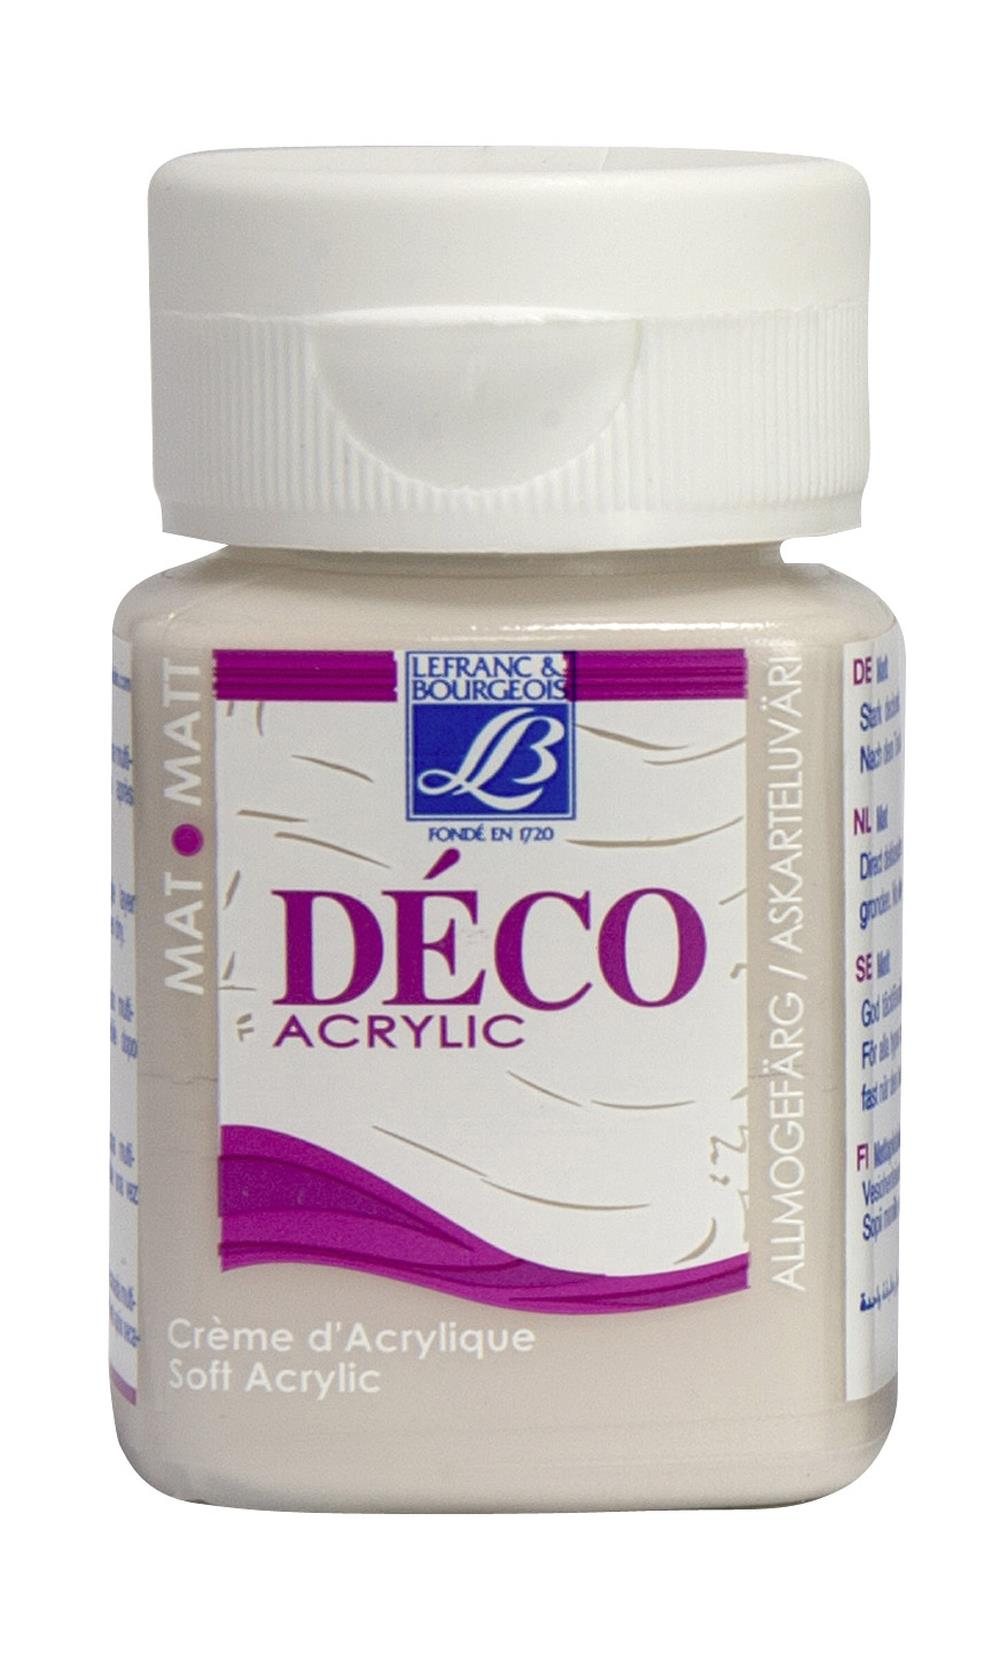 Hobbyfärg L&B Deco Matt Akryl 50ml Powder pink warm 871 (4F) Utgår